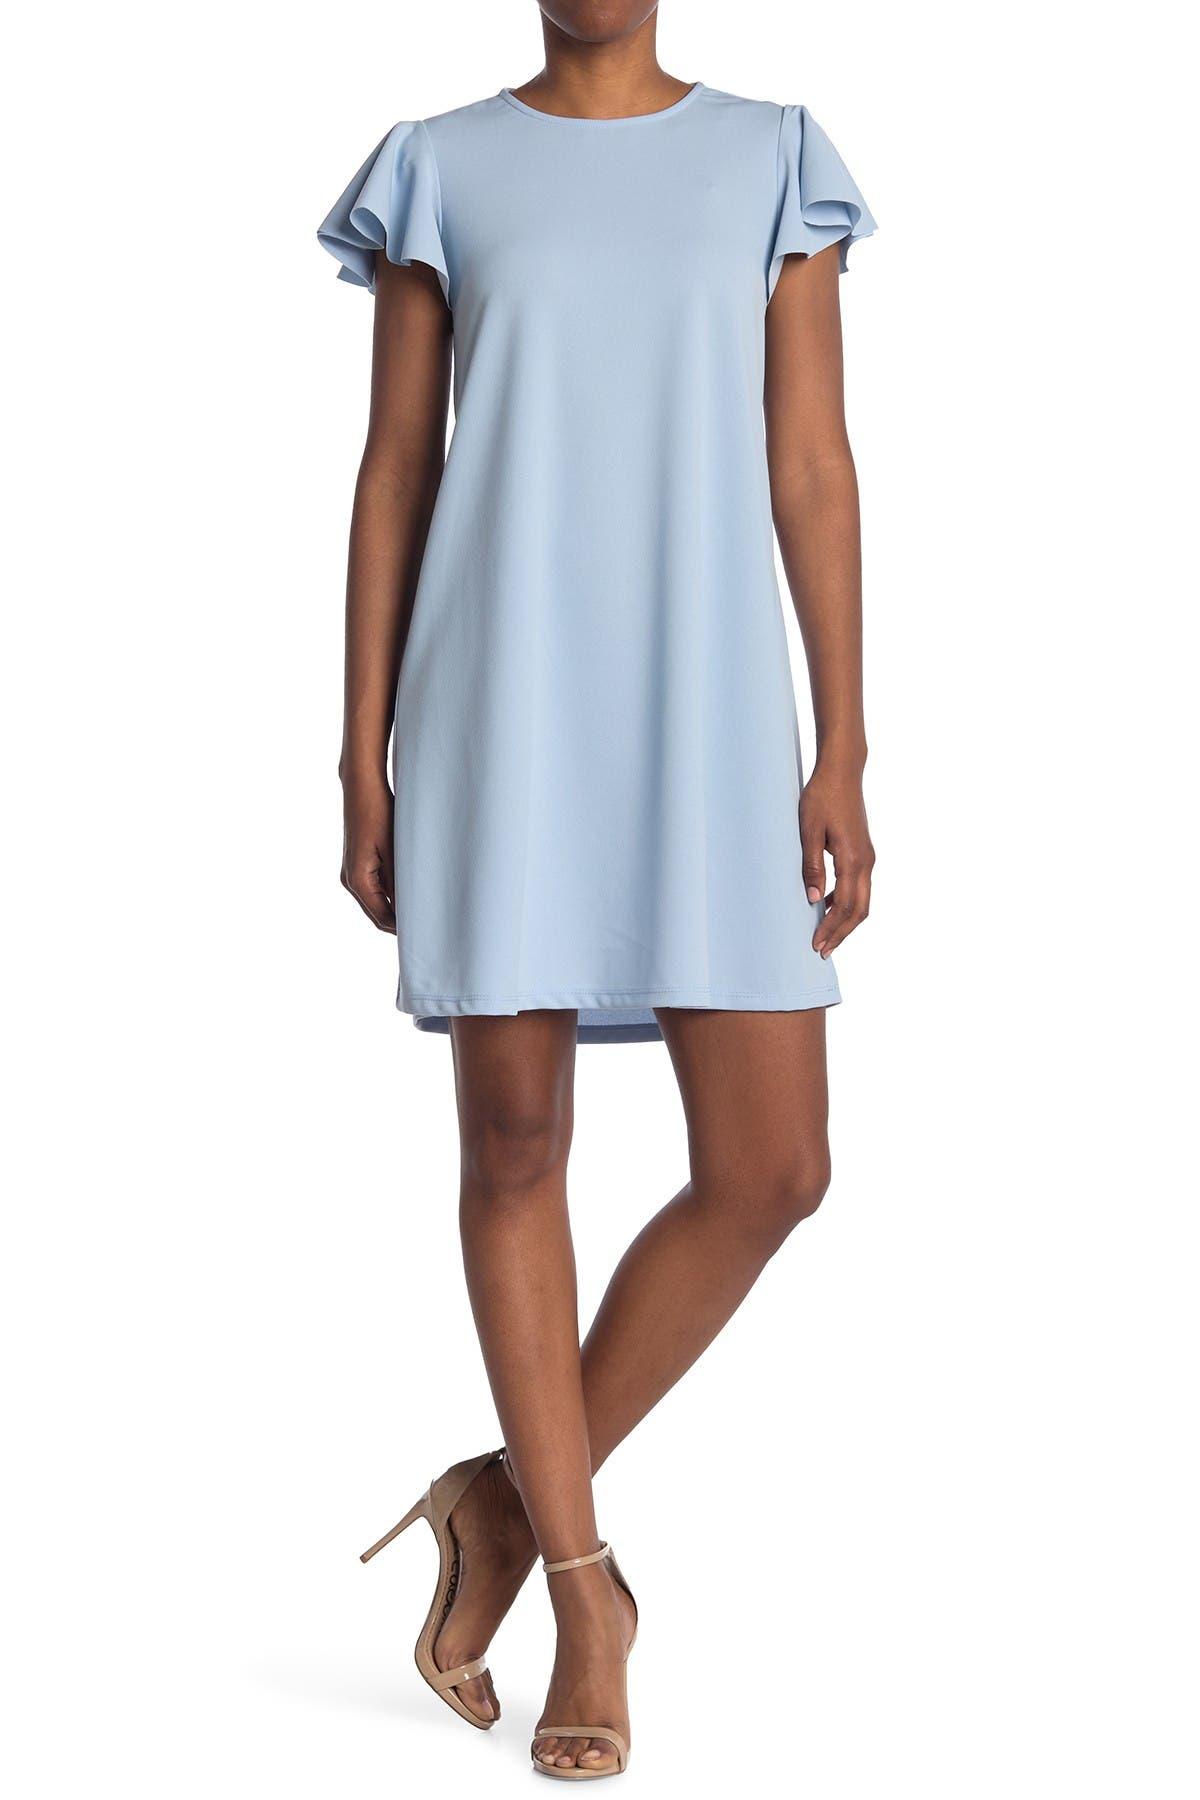 Image of TASH + SOPHIE Flutter Sleeve Shift Dress